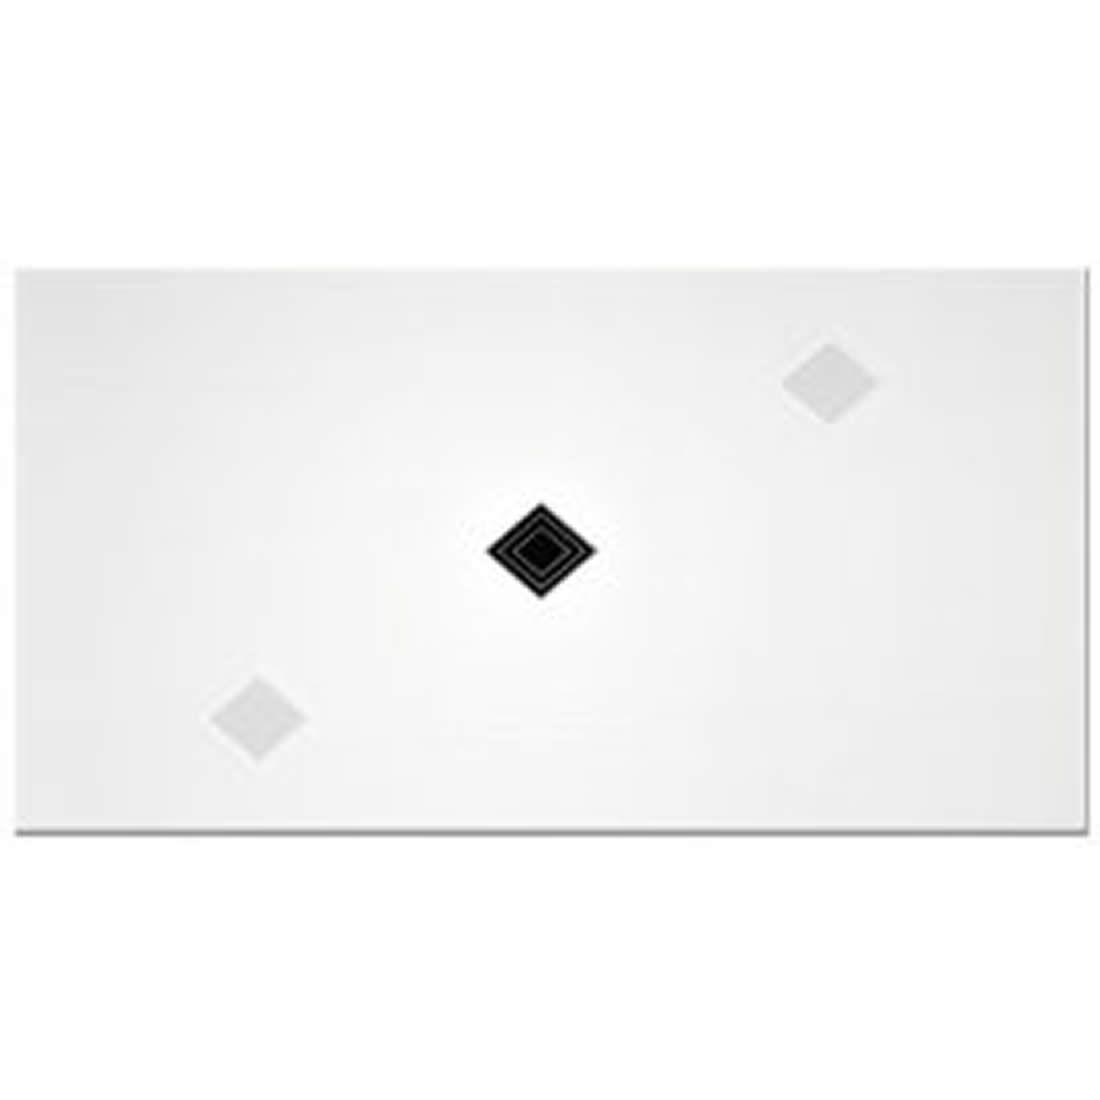 Revestimento Embramaco 33 x 57 Jakarta White Brilhante  Ref 52894